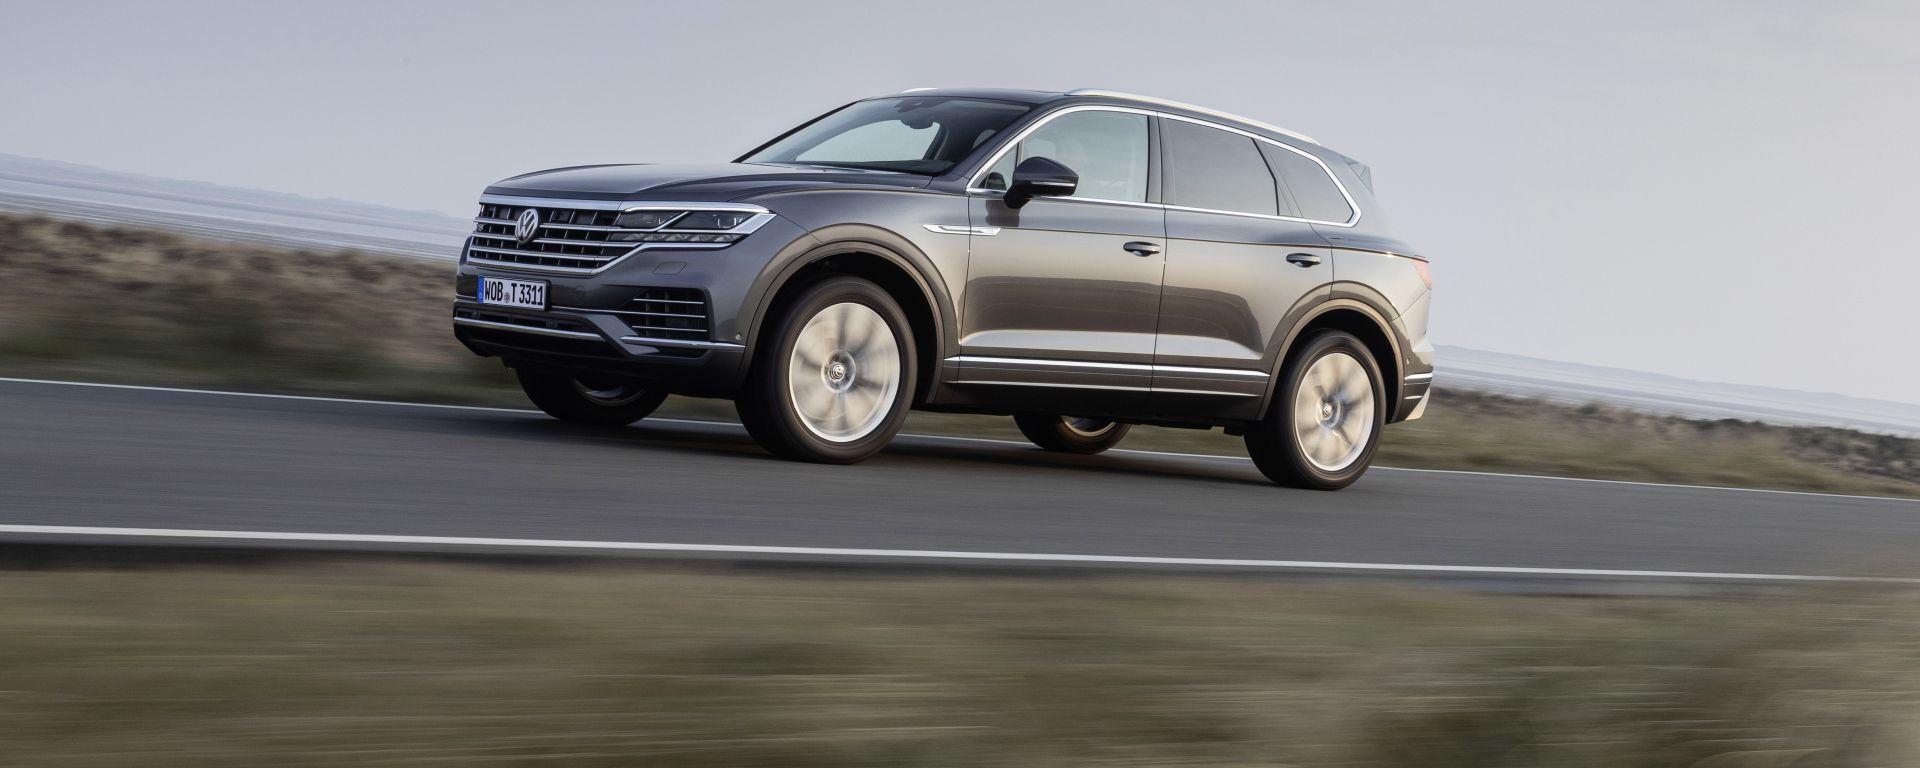 Volkswagen Touareg V8 TDI: emissioni di NOx ridotte